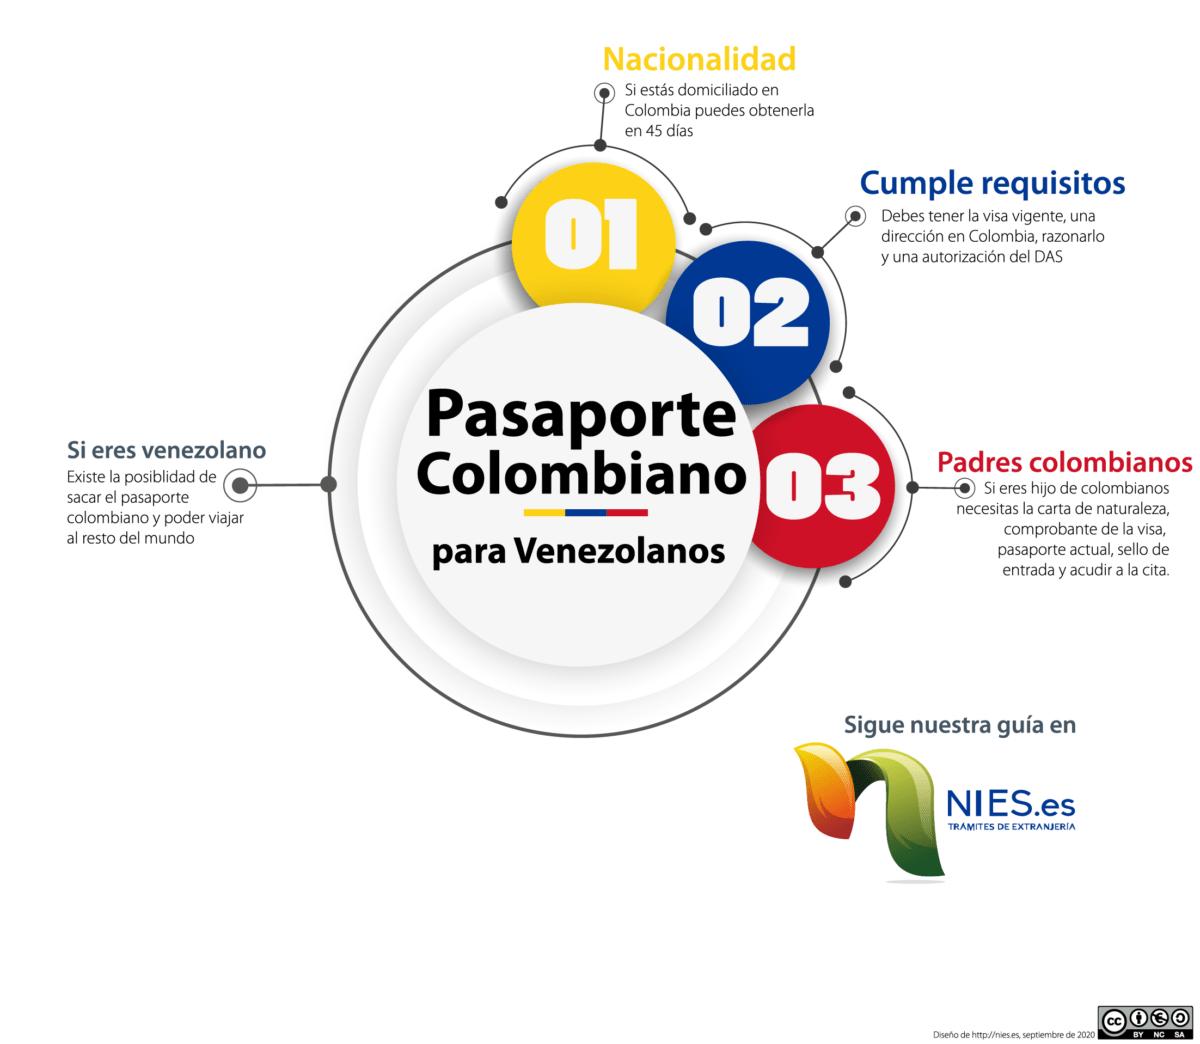 Pasaporte colombiano para venezolanos